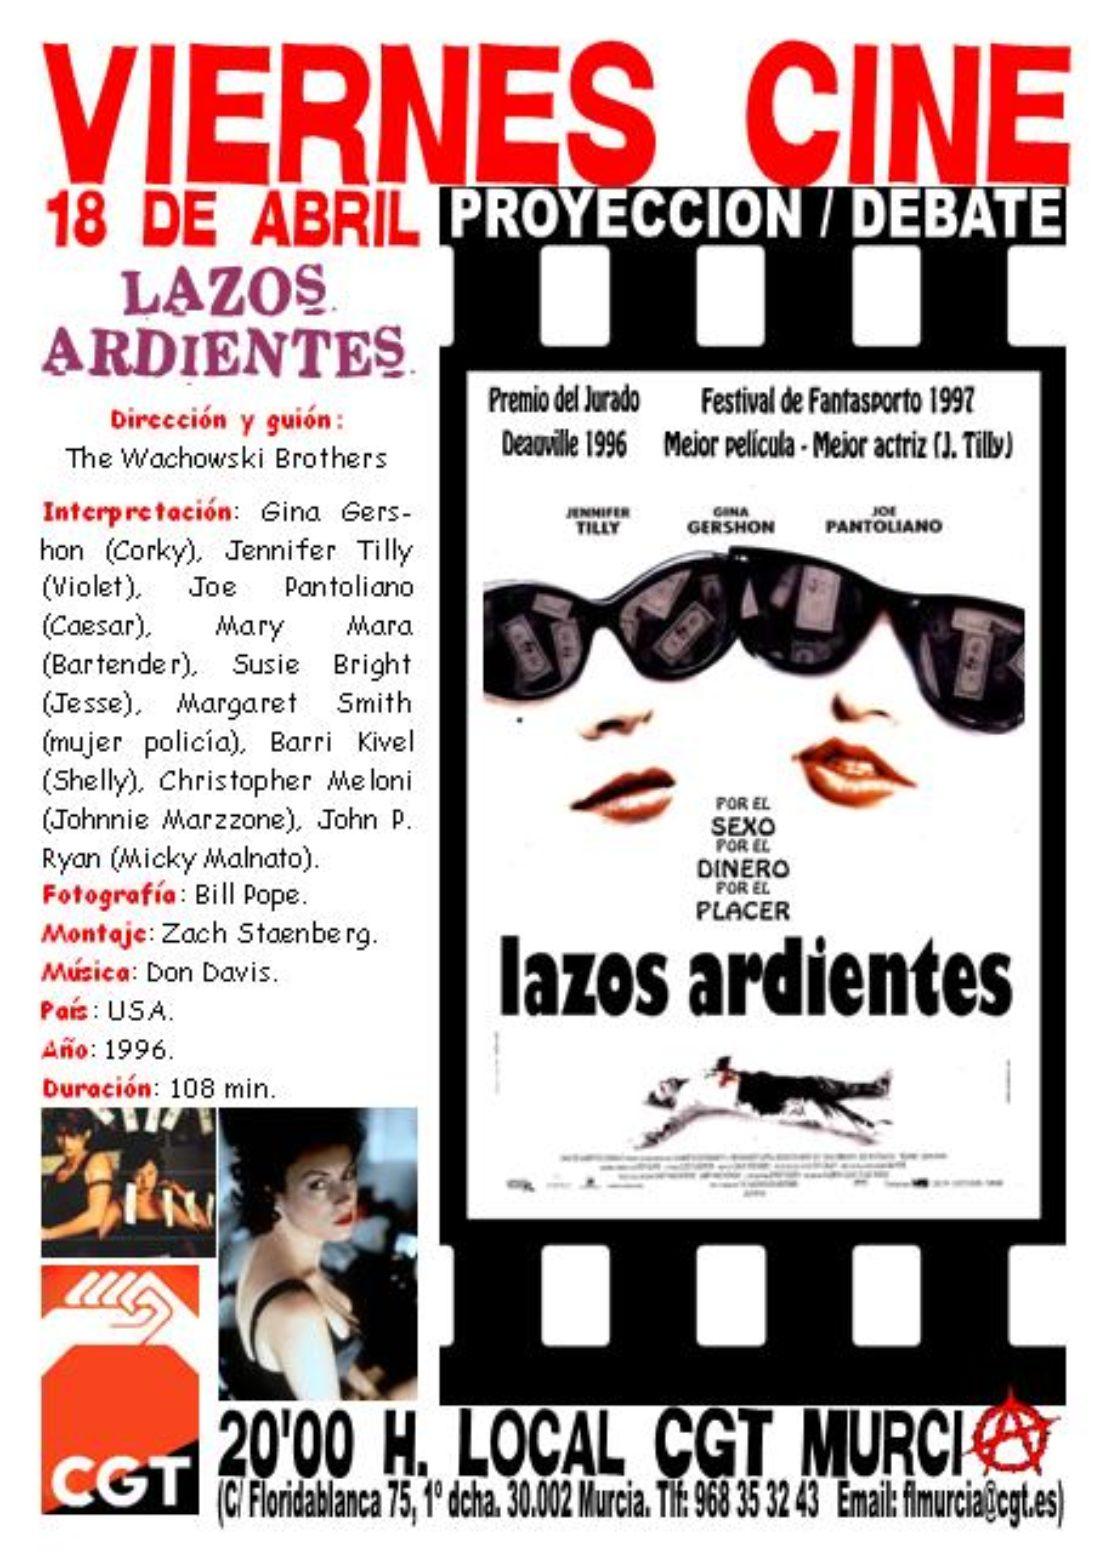 VIERNES CINE. El 18 de abril LAZOS ARDIENTES de los hermanos Wachowski a las 20'00 h. en el local de CGT en Murcia